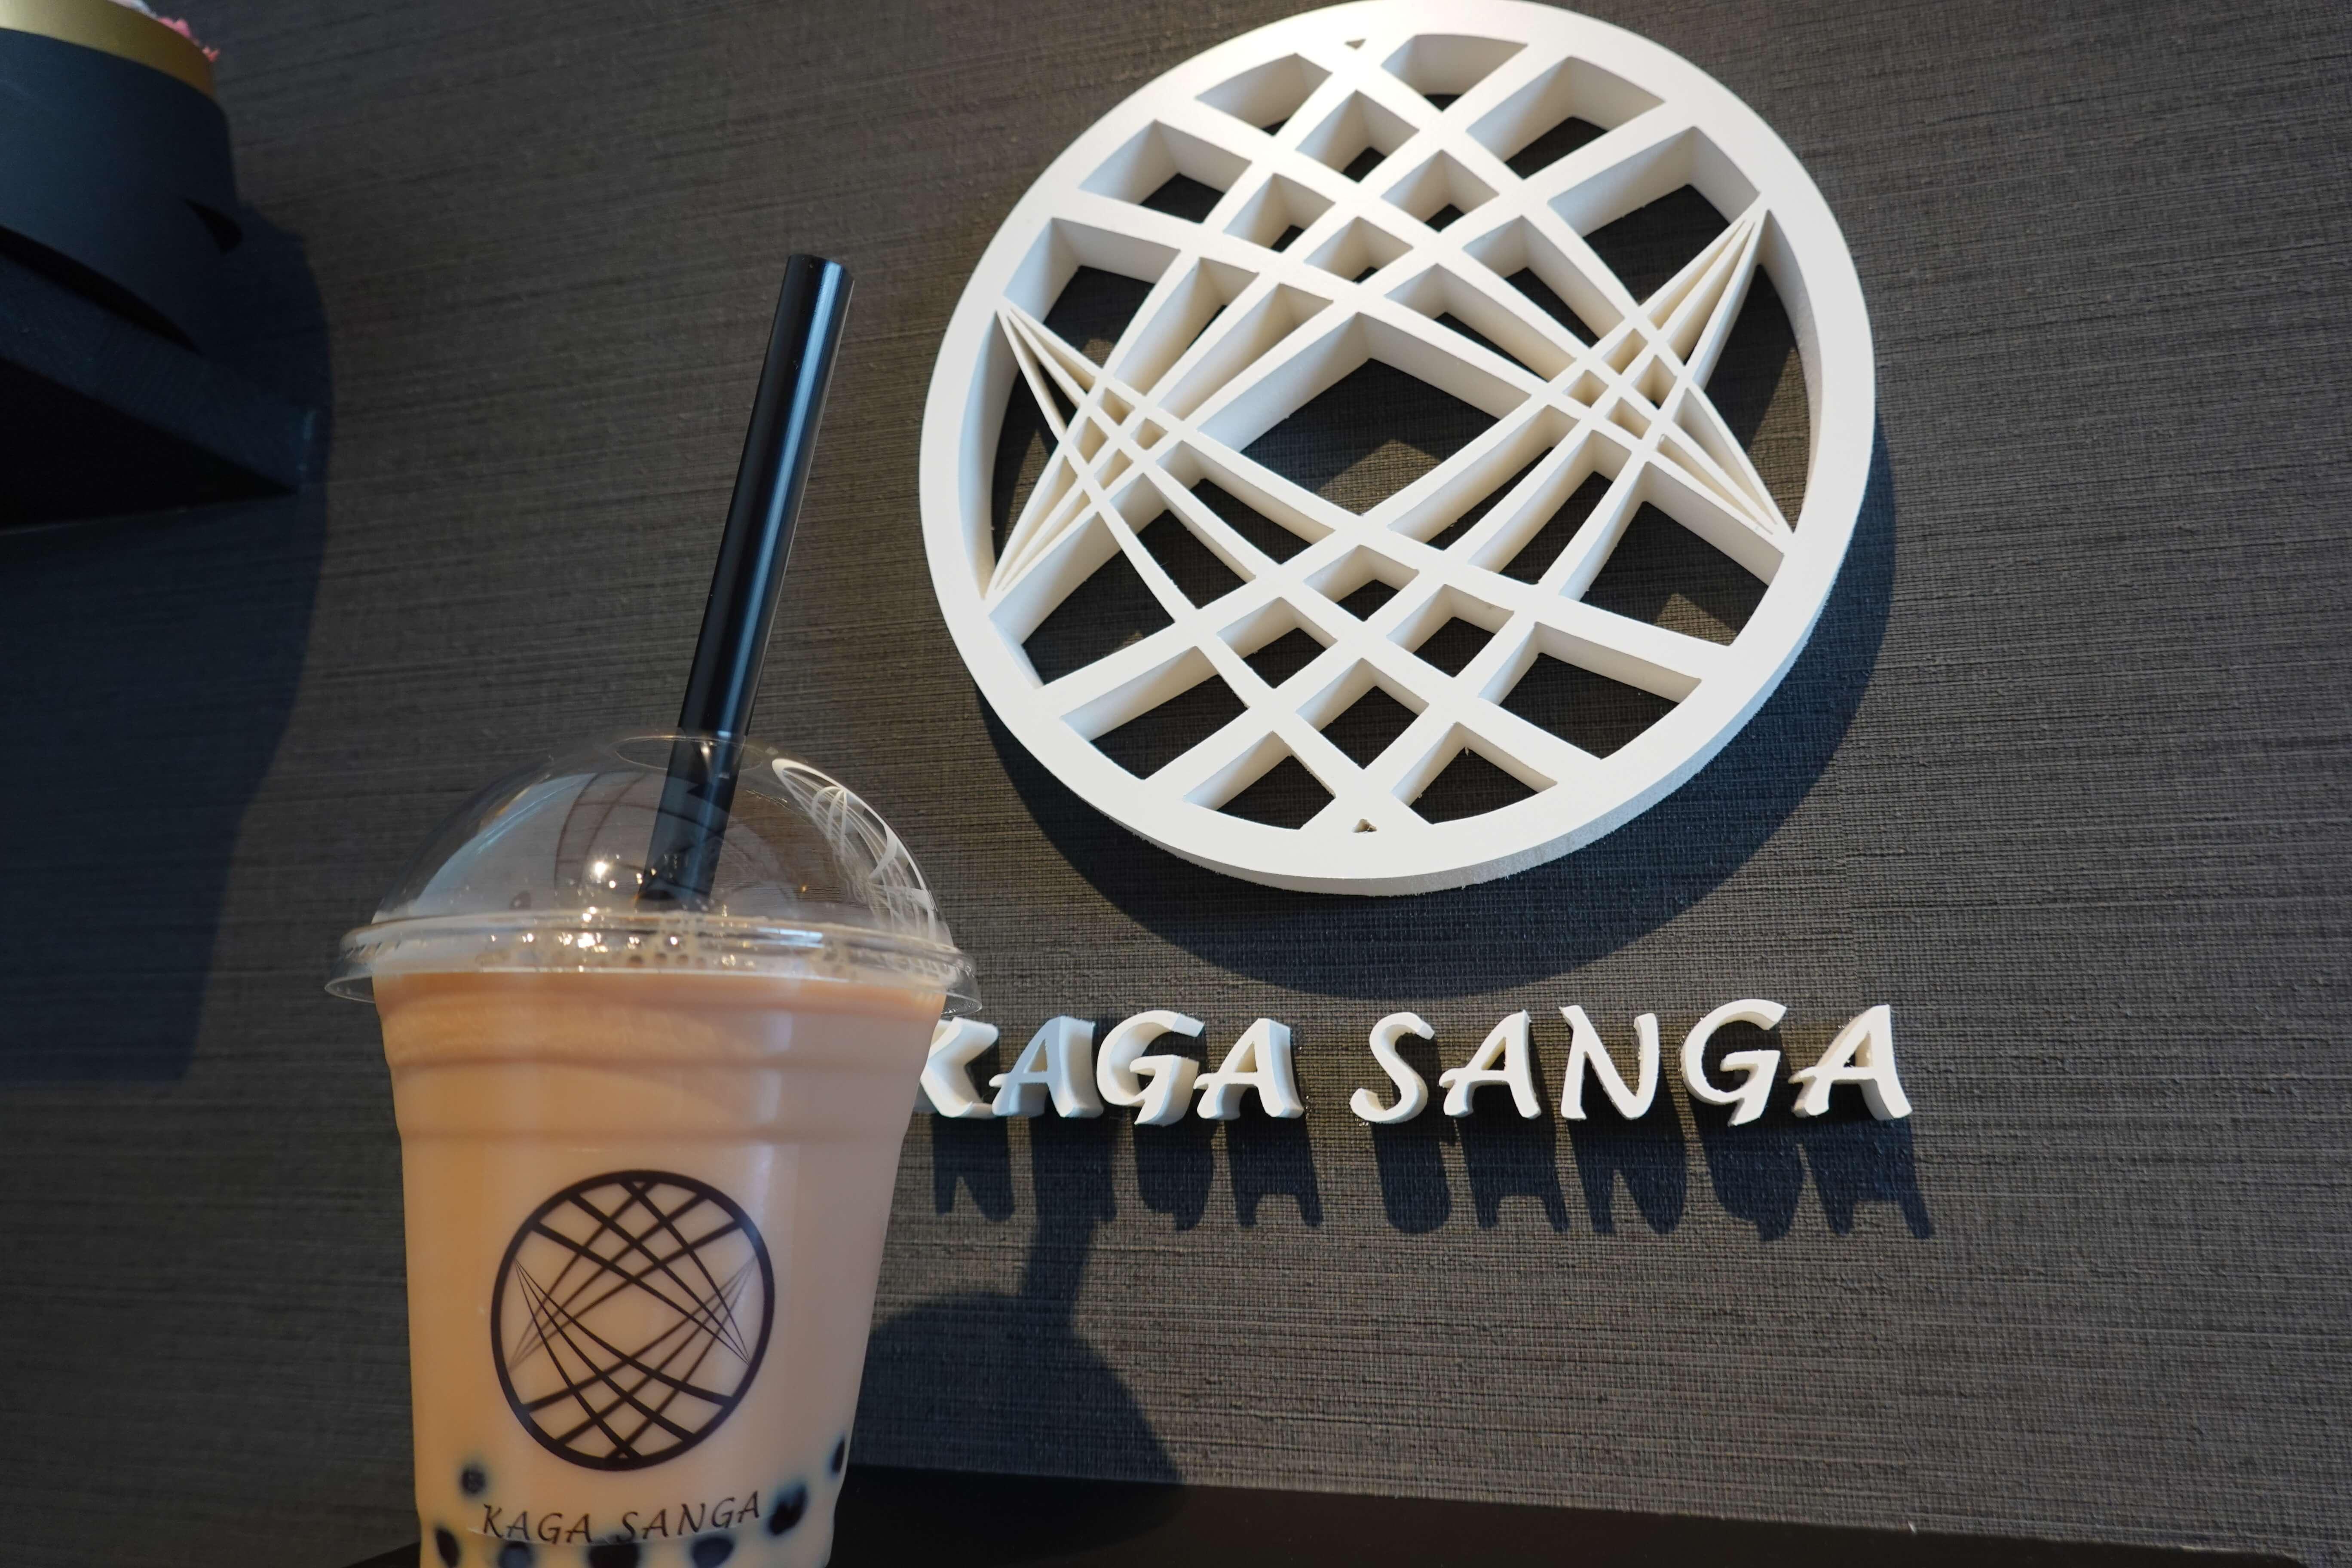 加賀三賀|白山市のハーブ専門店で最高級茶葉使用のタピオカドリンクが美味すぎた